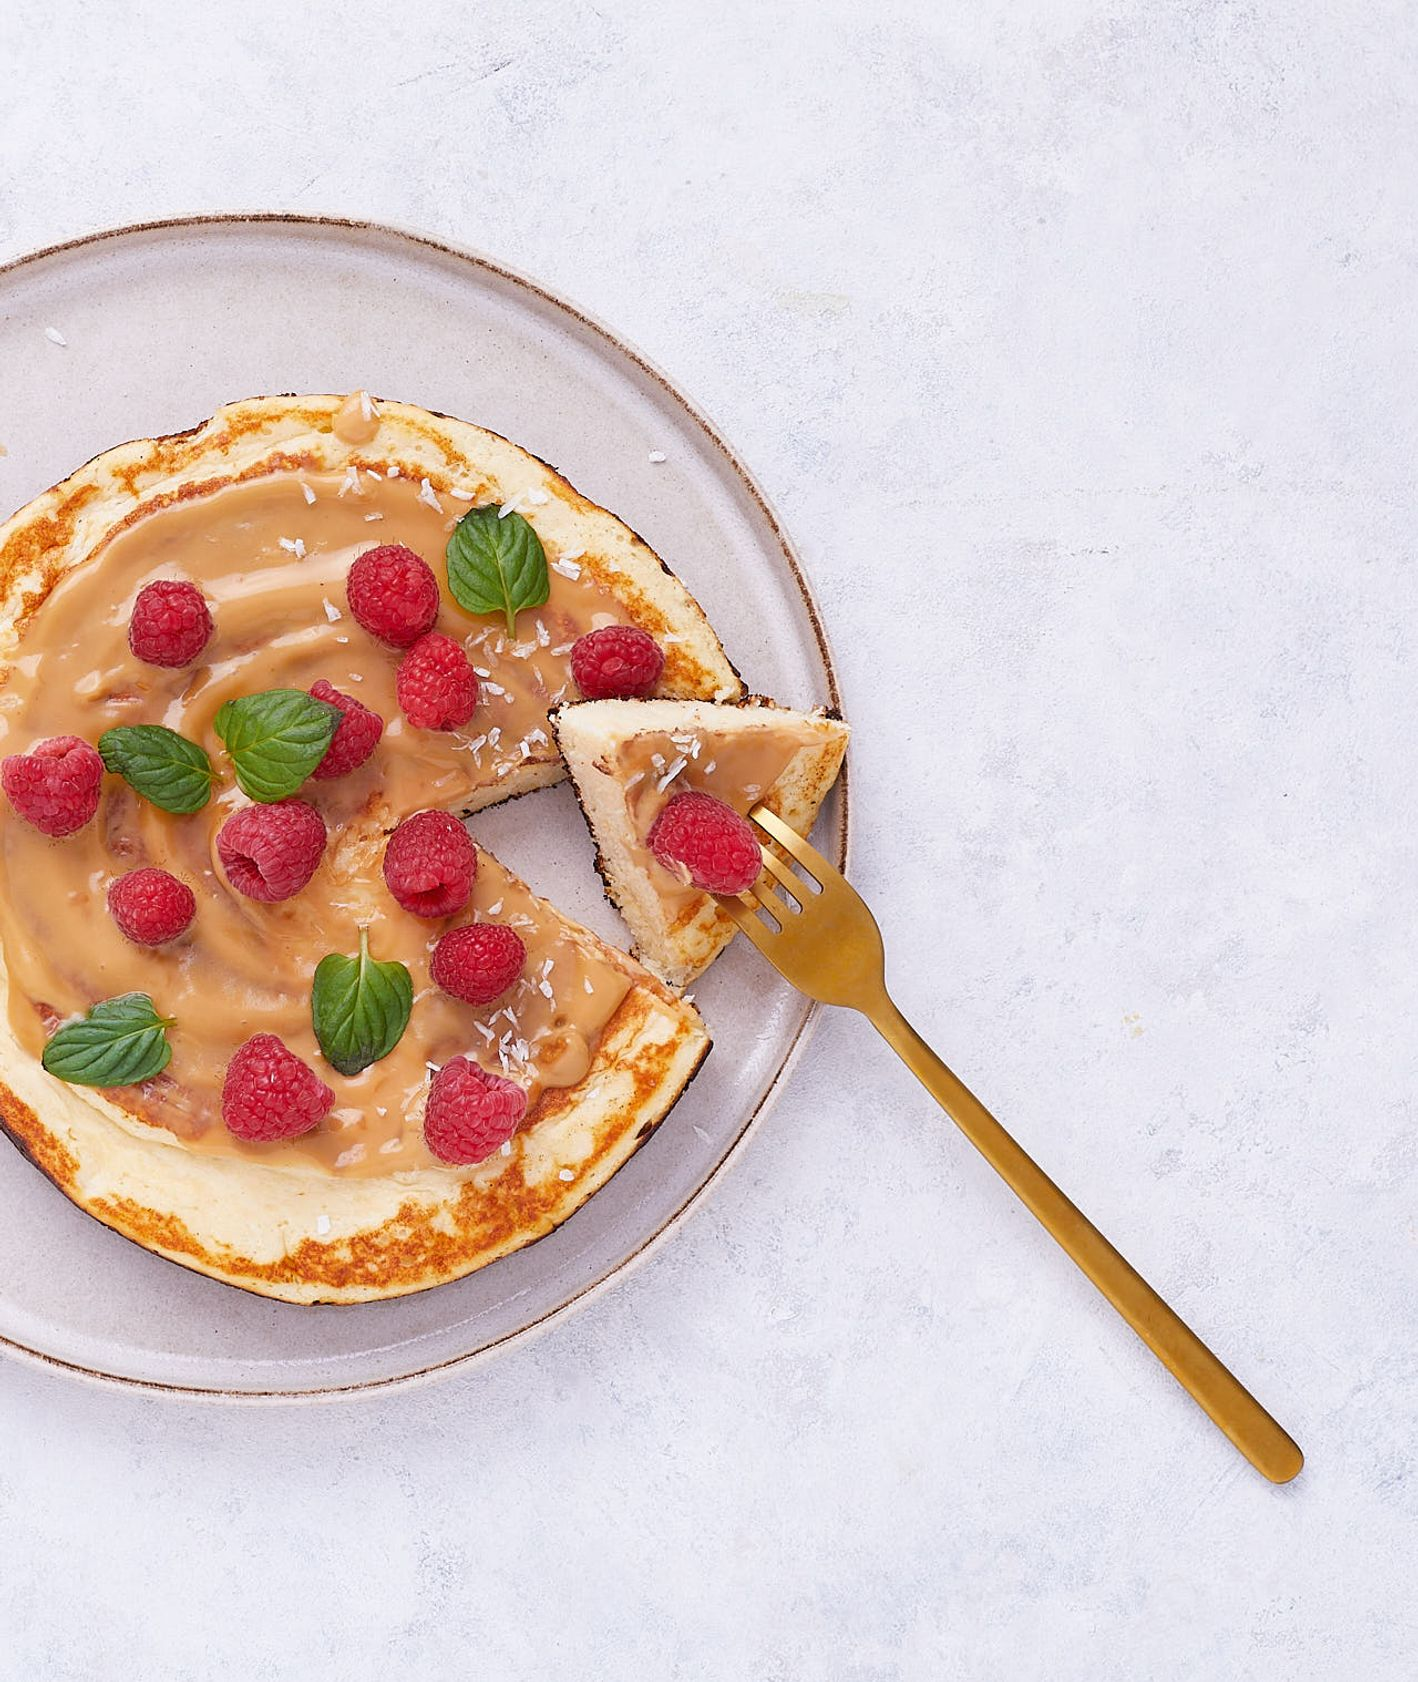 Puszysty omlet twarogowy z sosem orzechowym i malinami na talerzu (fot. Maciek Niemojewski)